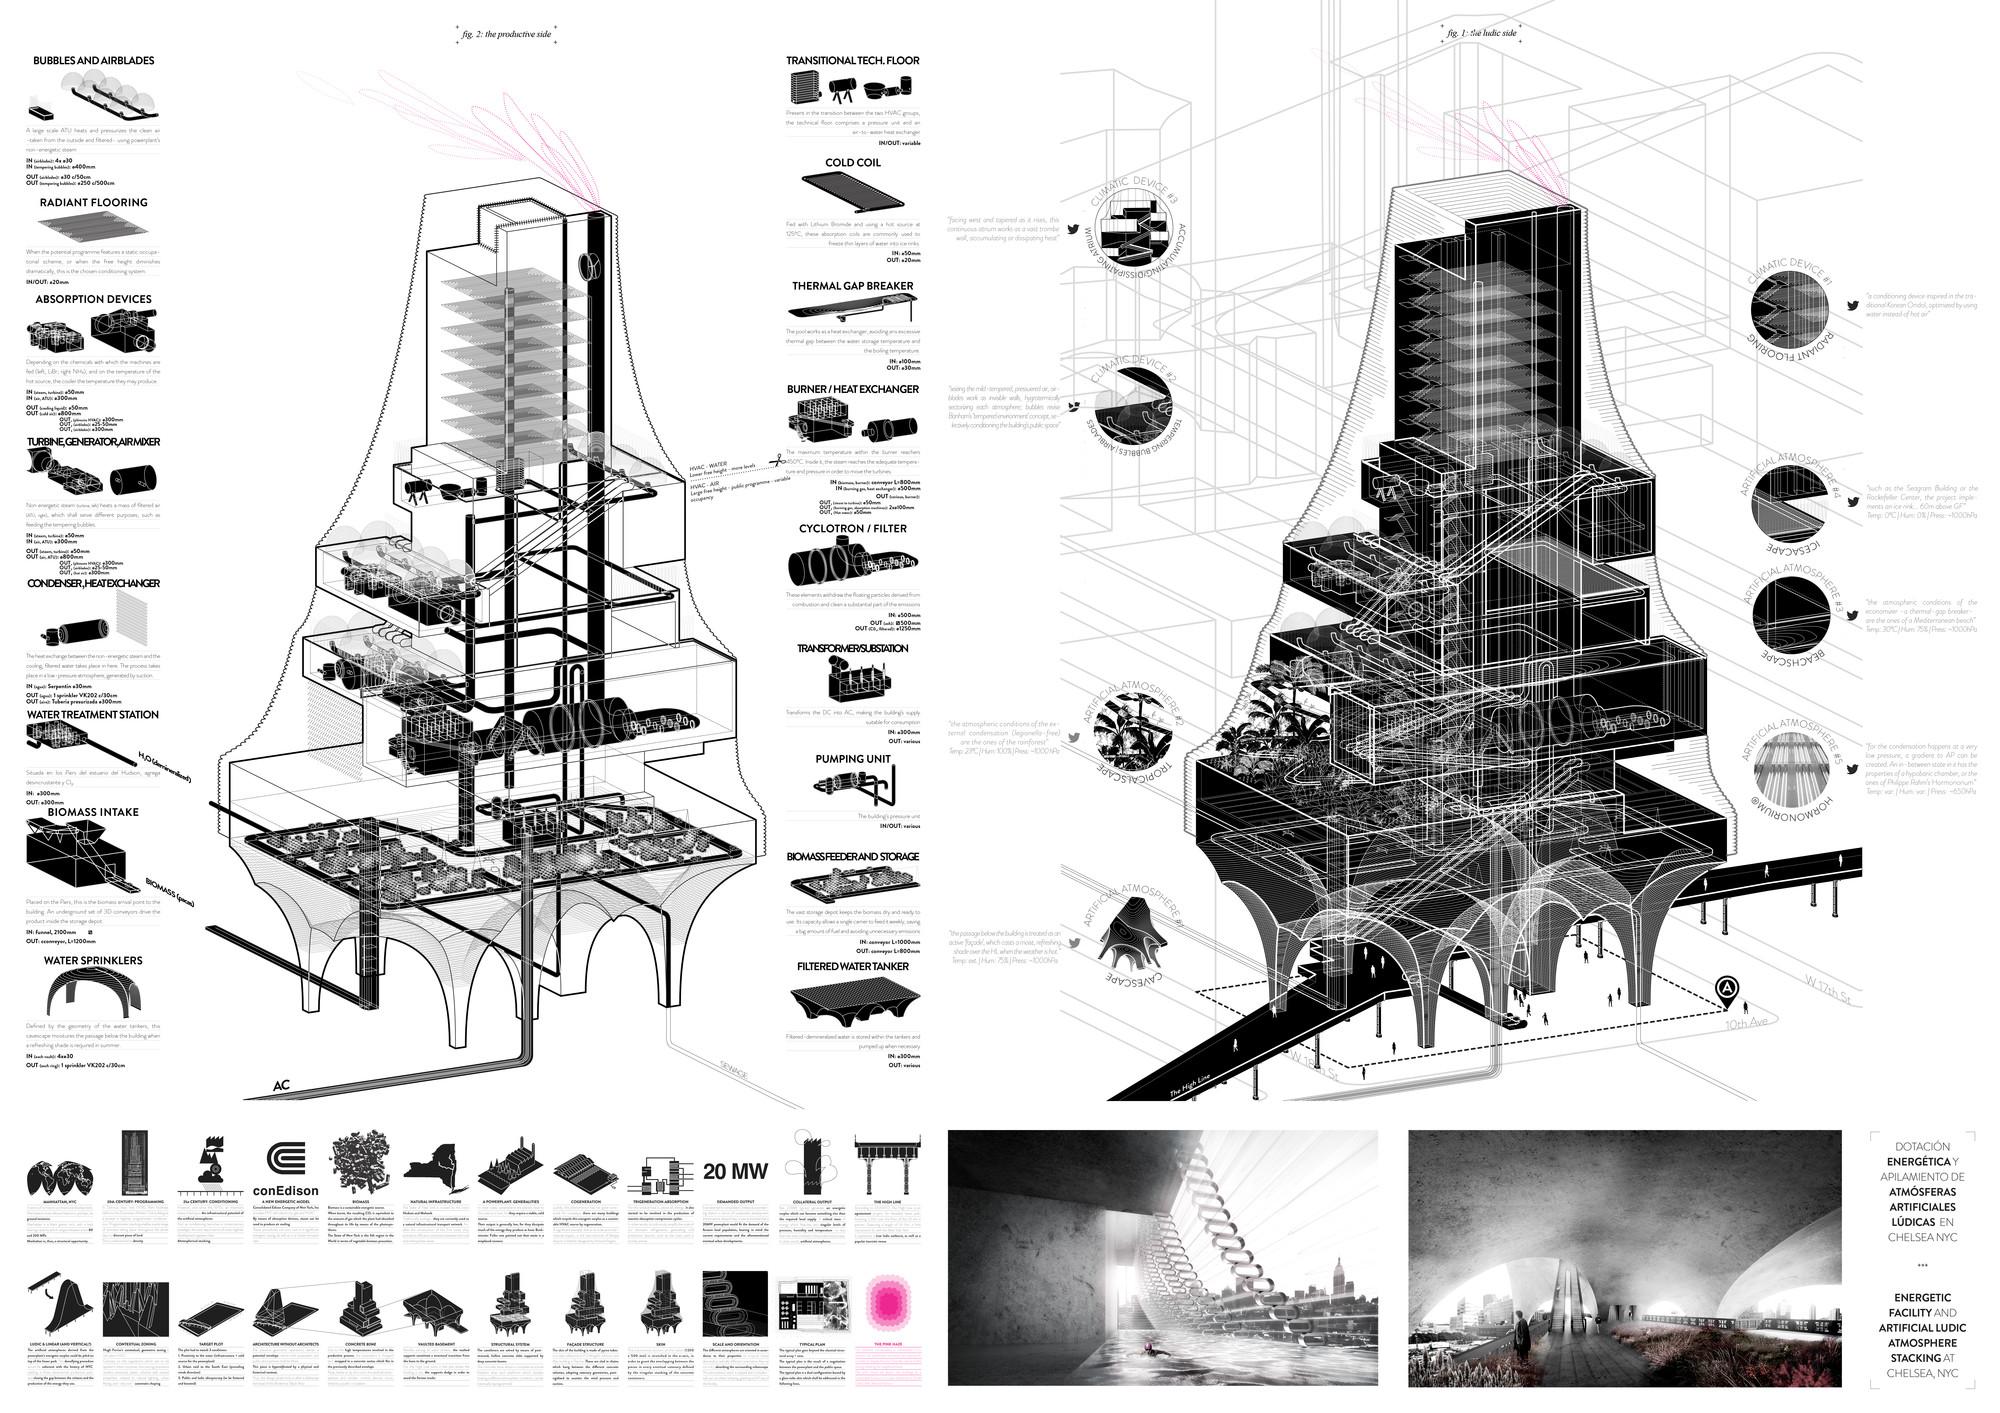 Mención Honrosa: Dotación energética y apilamiento de atmósferas artificiales en Chelsea. Image Courtesy of IS ARCH